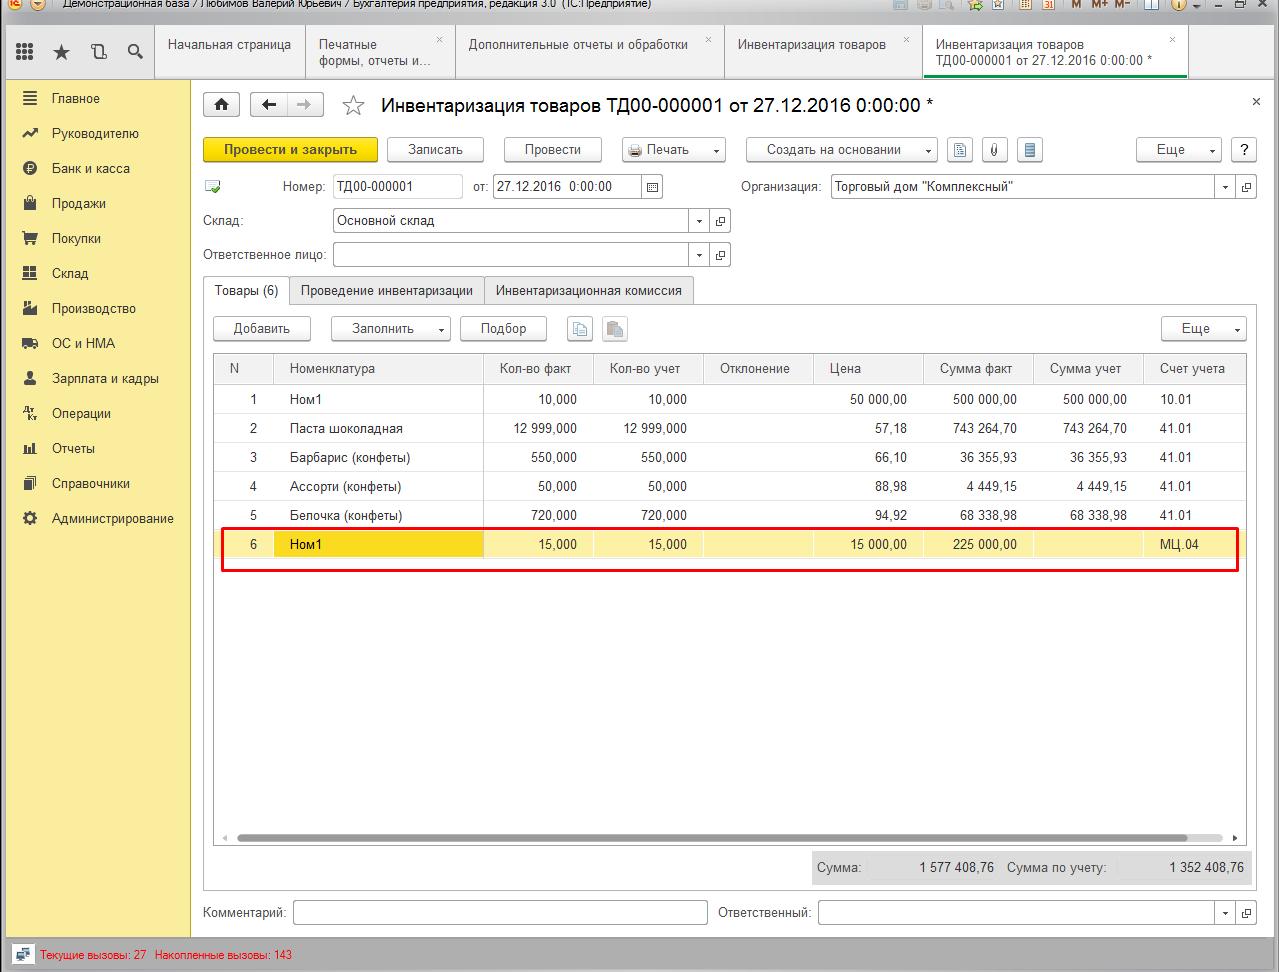 Продажа с мц04 1с стандарты по внедрению 1с документооборот